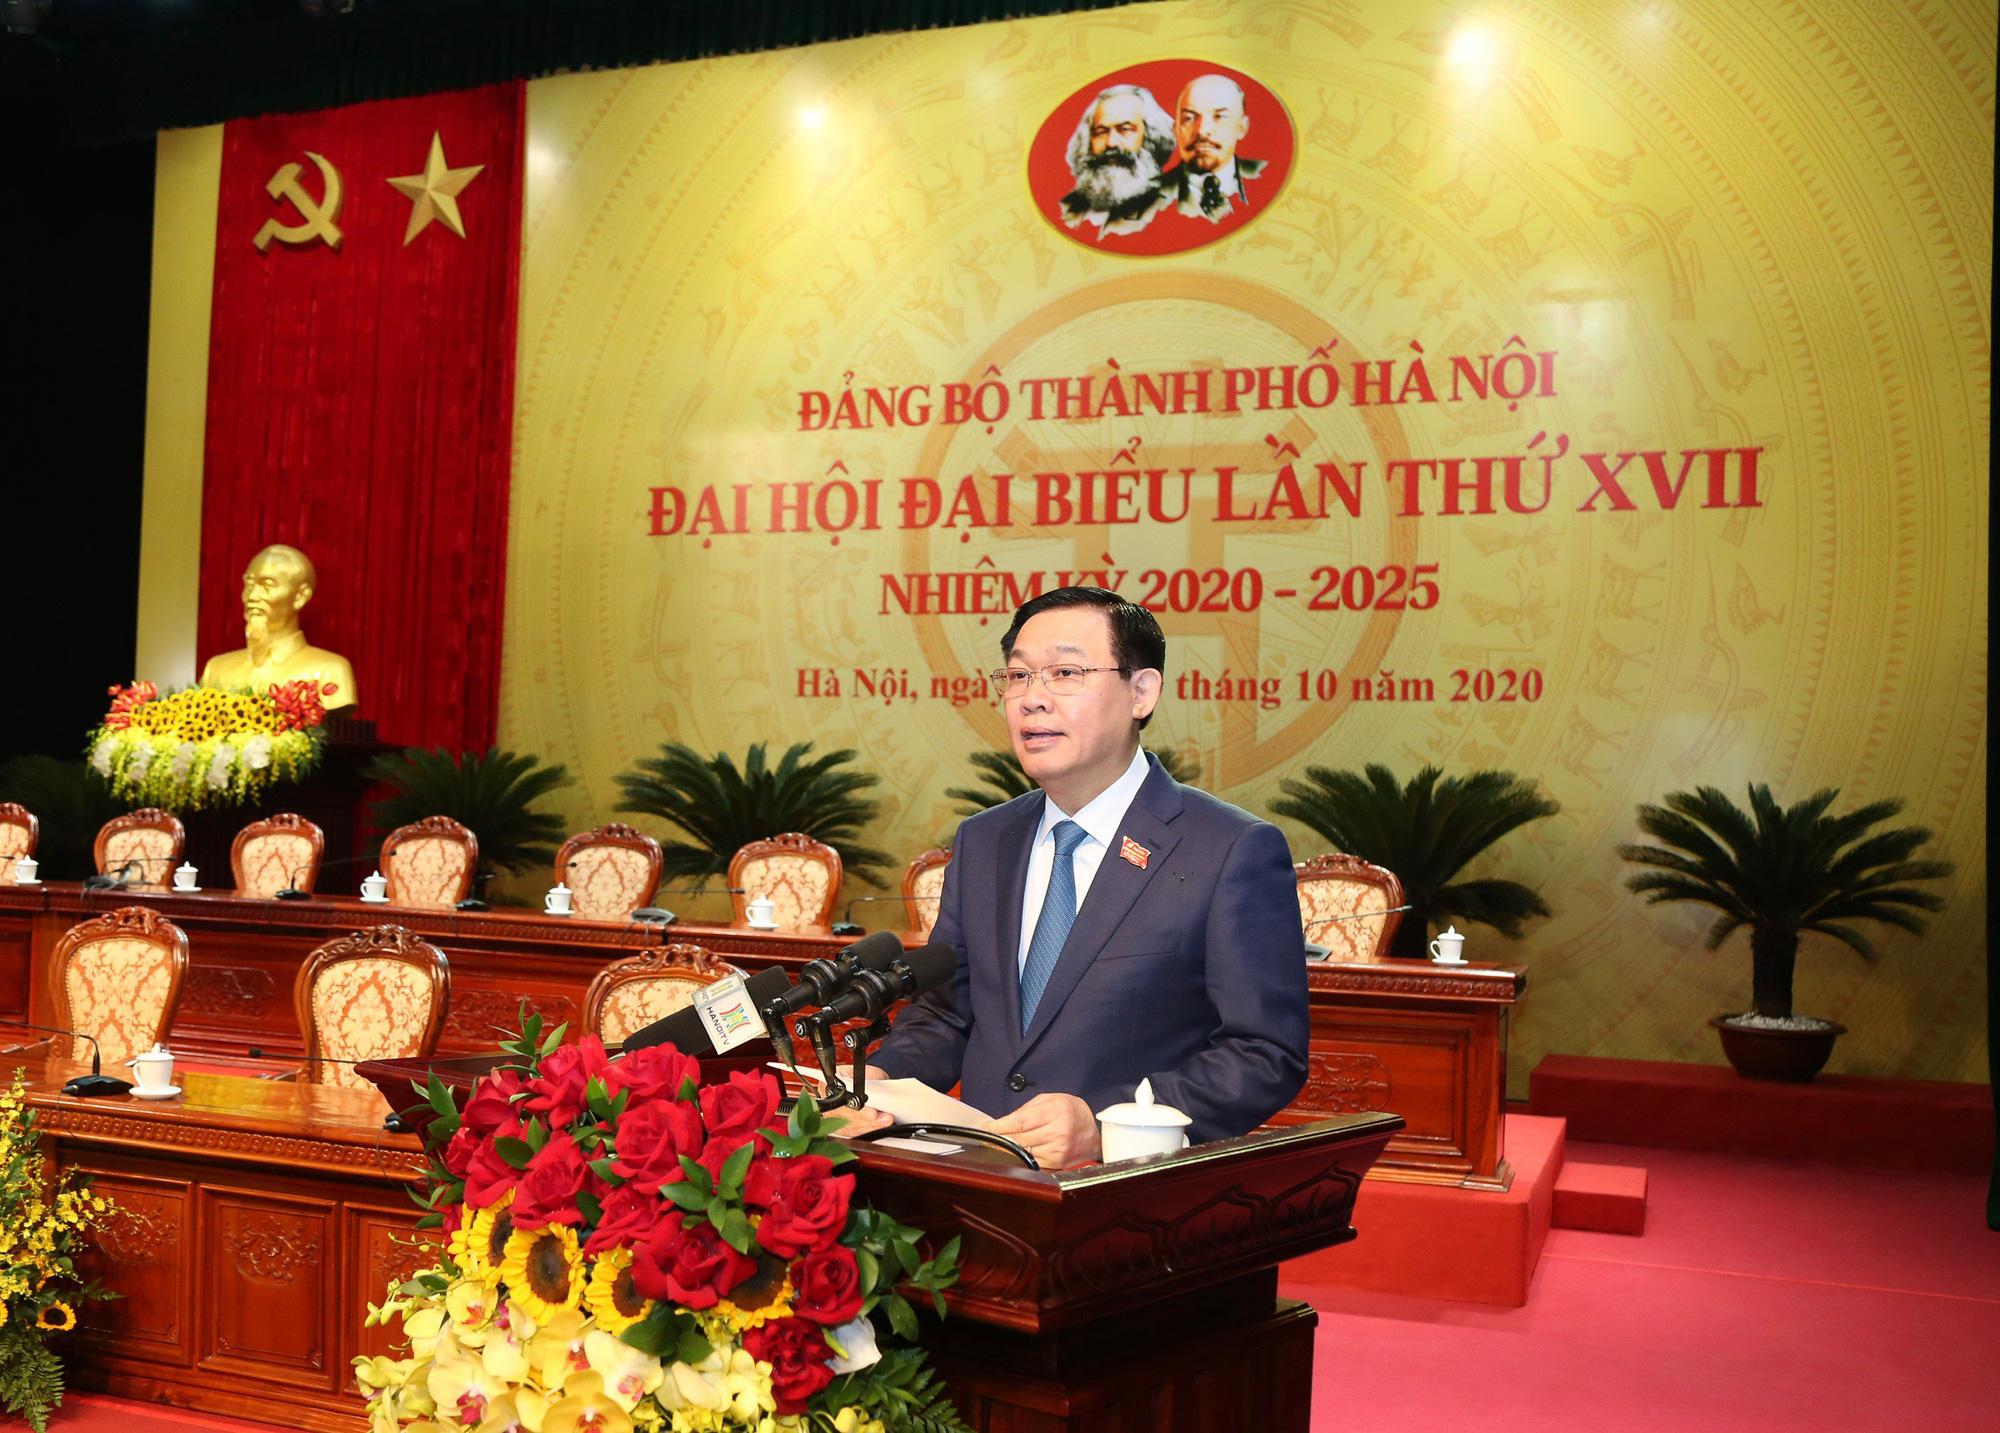 Tổng Bí thư, Chủ tịch Nước Nguyễn Phú Trọng sẽ dự và phát biểu chỉ đạo tại Đại hội Đảng bộ Hà Nội - Ảnh 1.